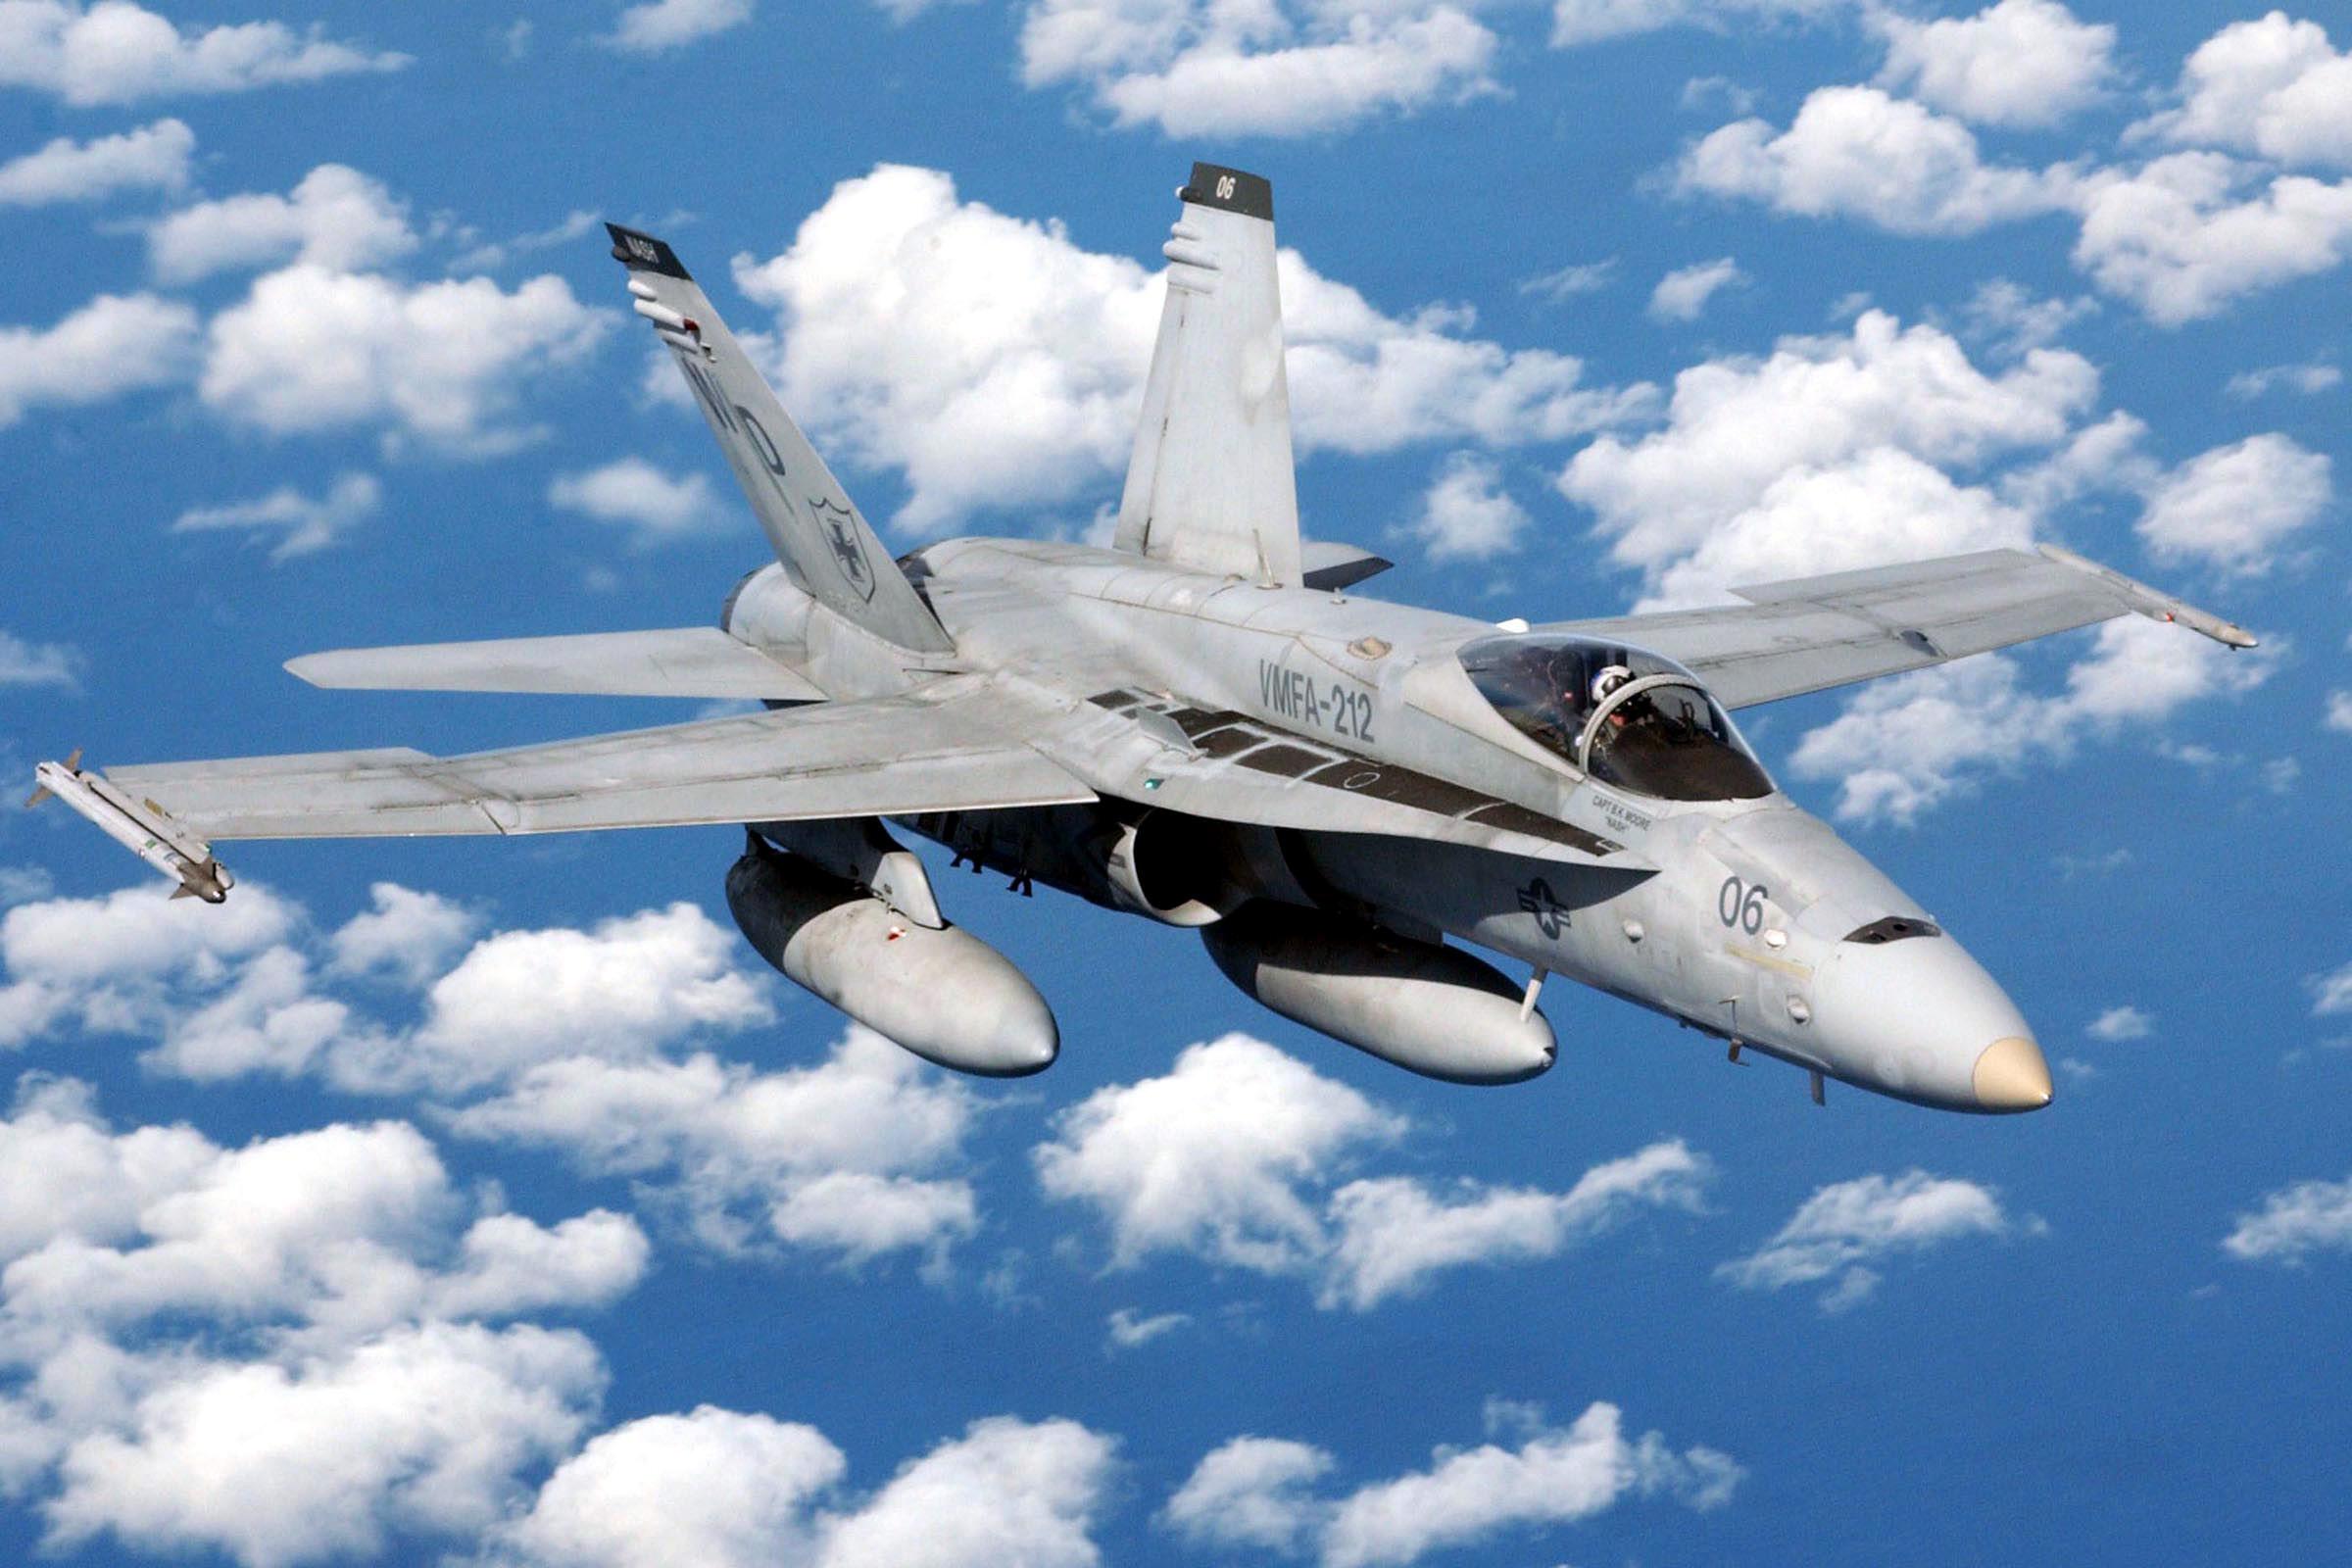 بالصور افضل 10 طائرات مقاتلة في العالم